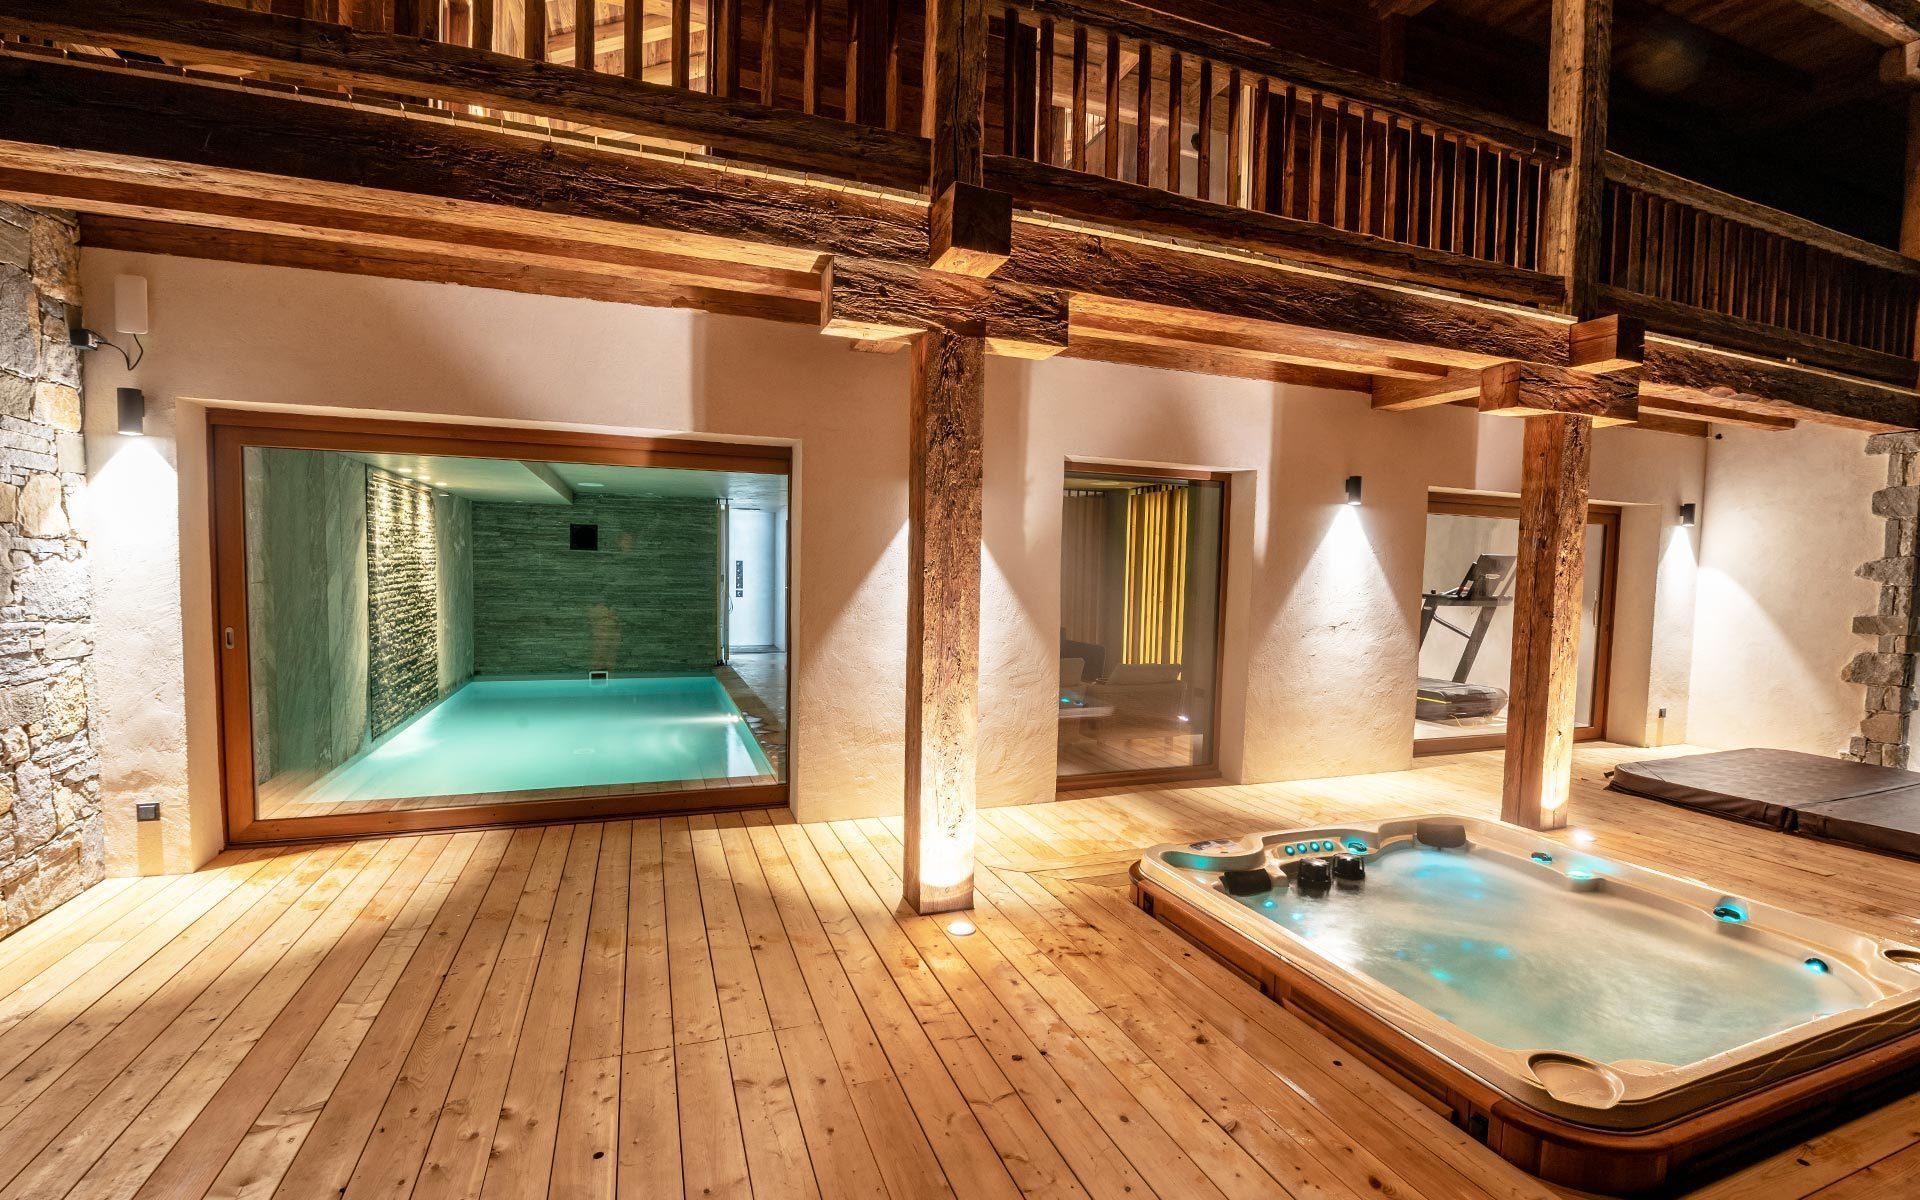 chalet-luxe-lodge-les-murailles-manigold-alpes-incentive-ski-jaccuzi-seminaires-de-caractere